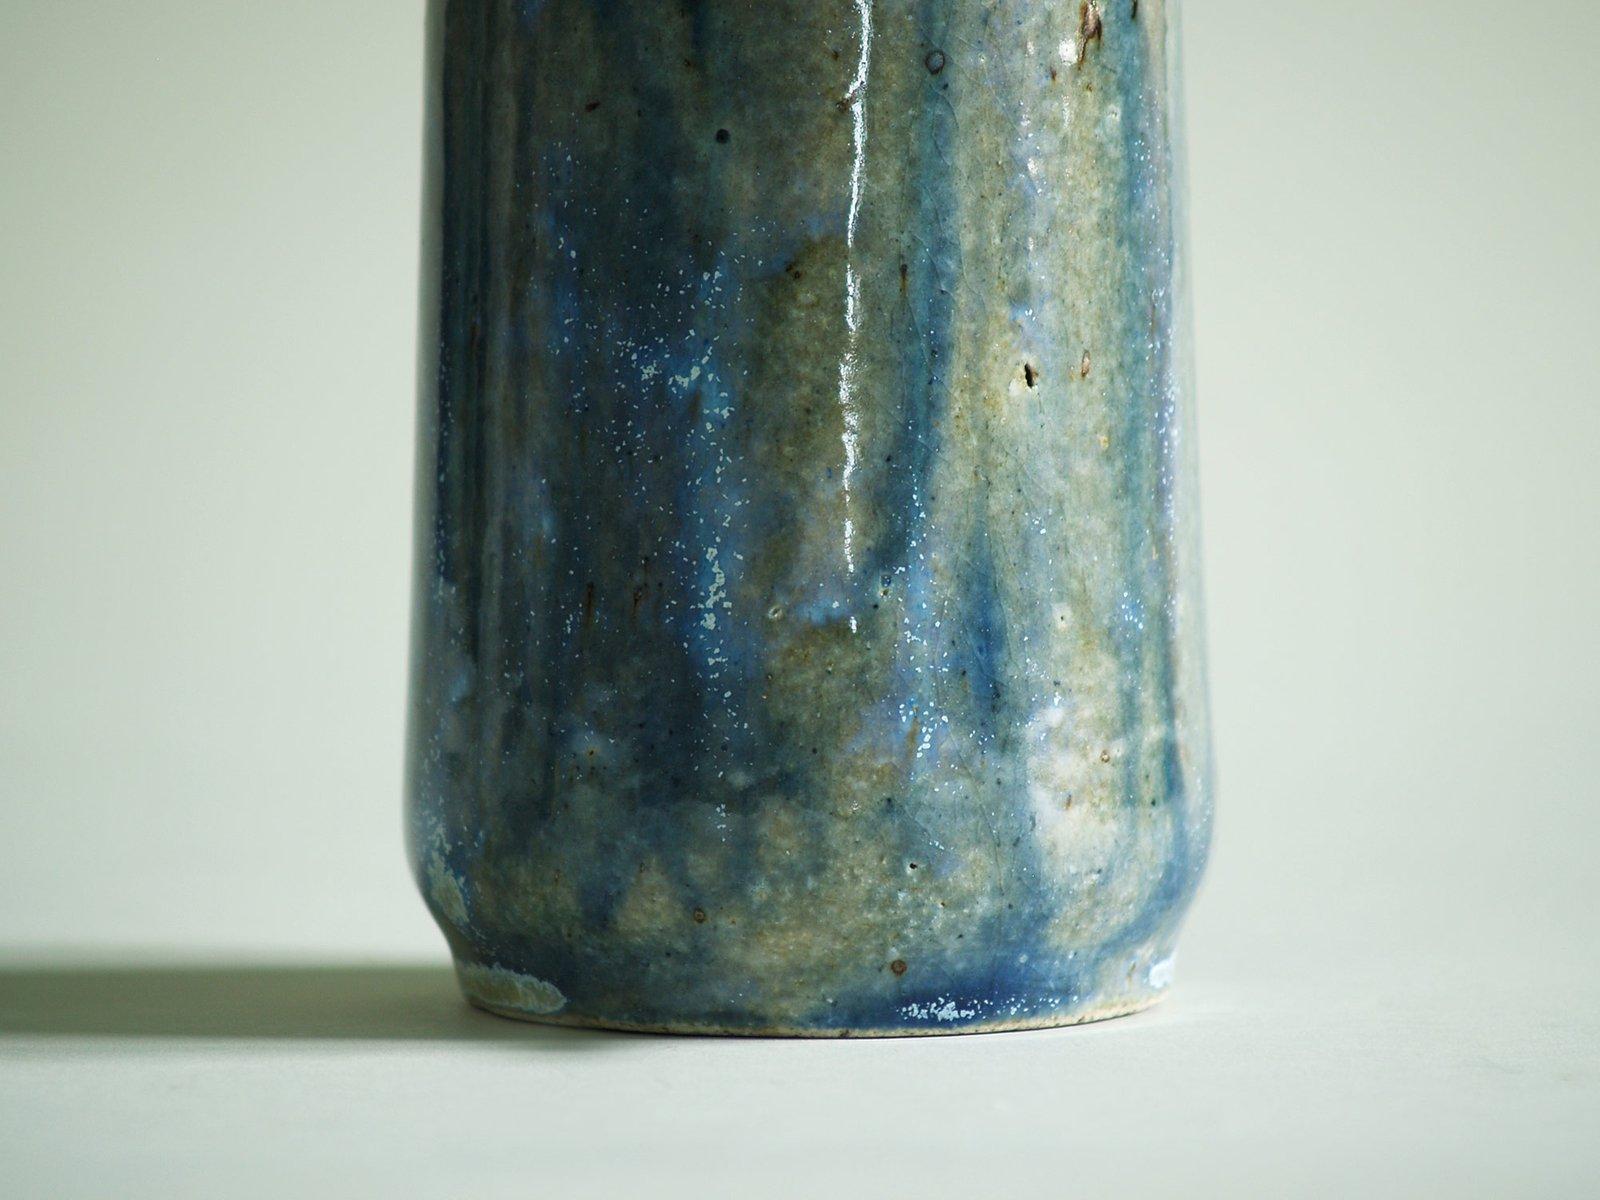 franz sische art nouveau vase von gentil bourdet 1920 bei pamono kaufen. Black Bedroom Furniture Sets. Home Design Ideas